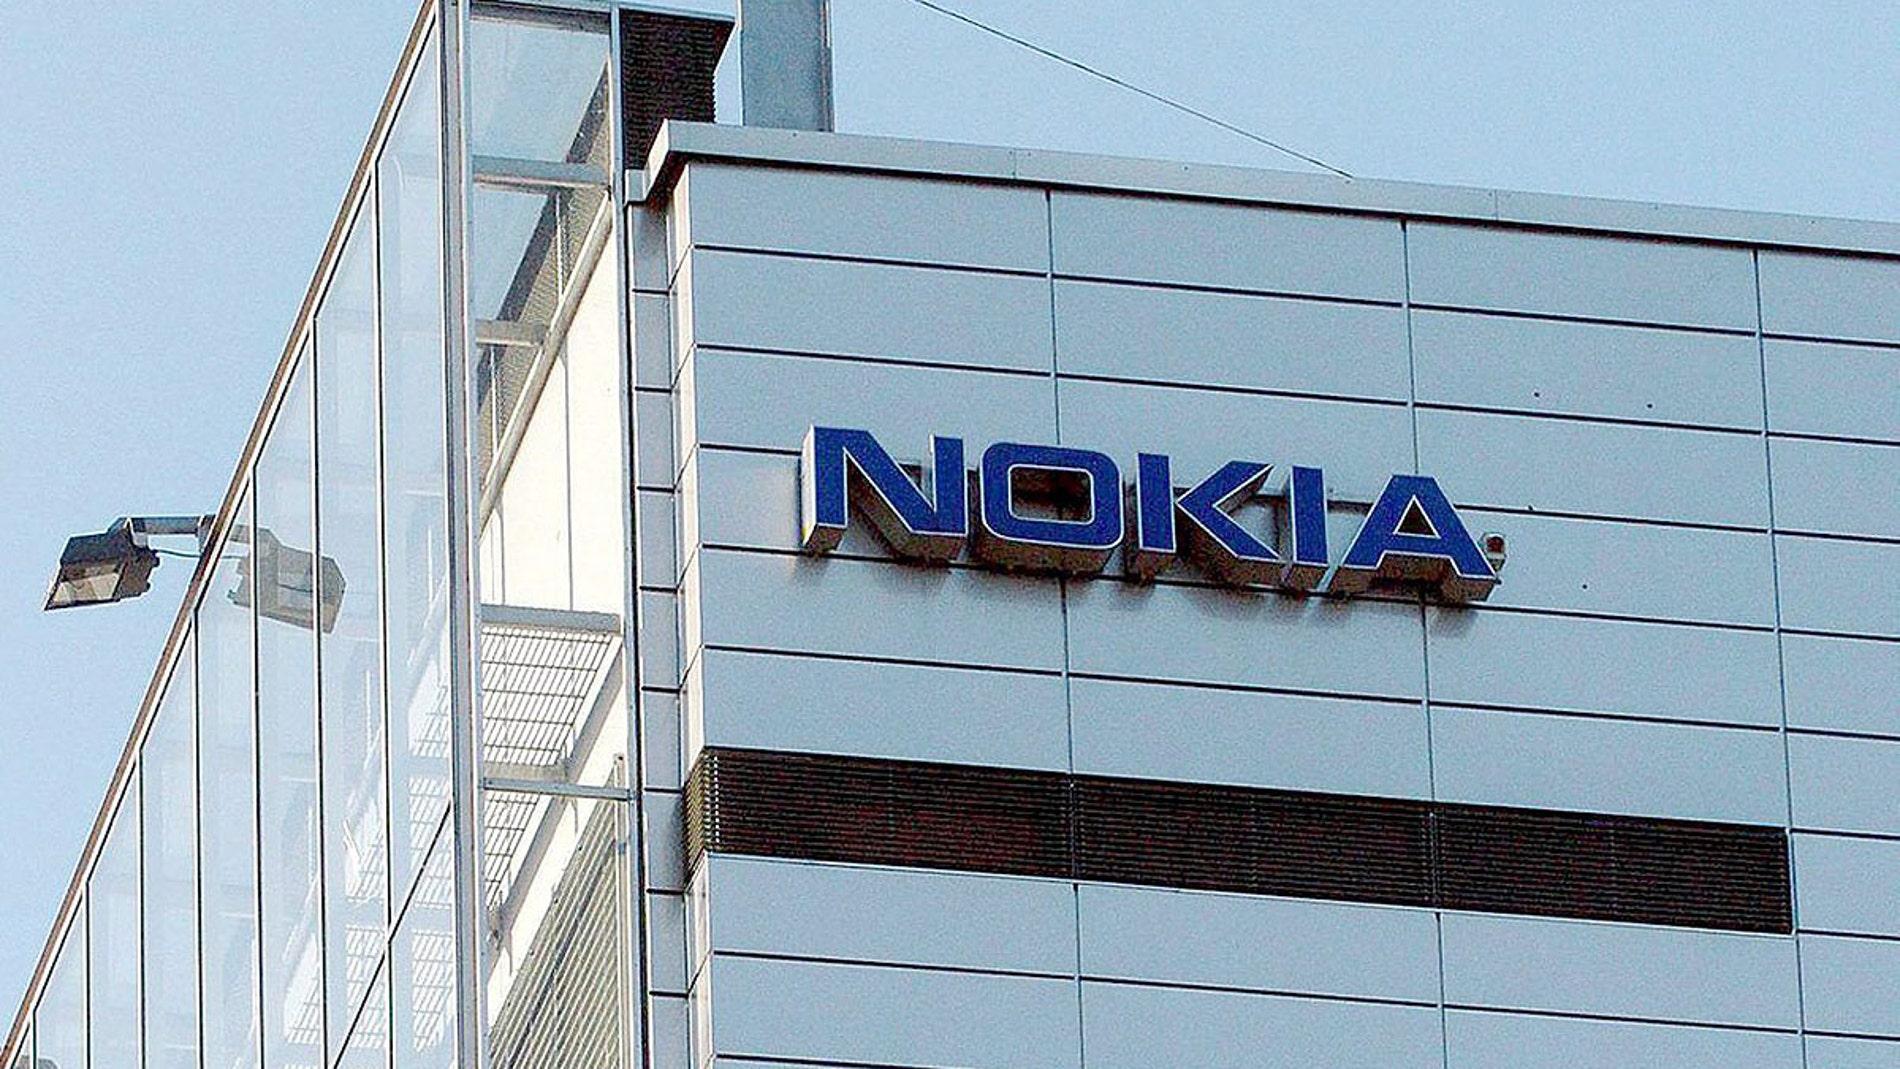 Sede de Nokia en Spoo, Finlandia